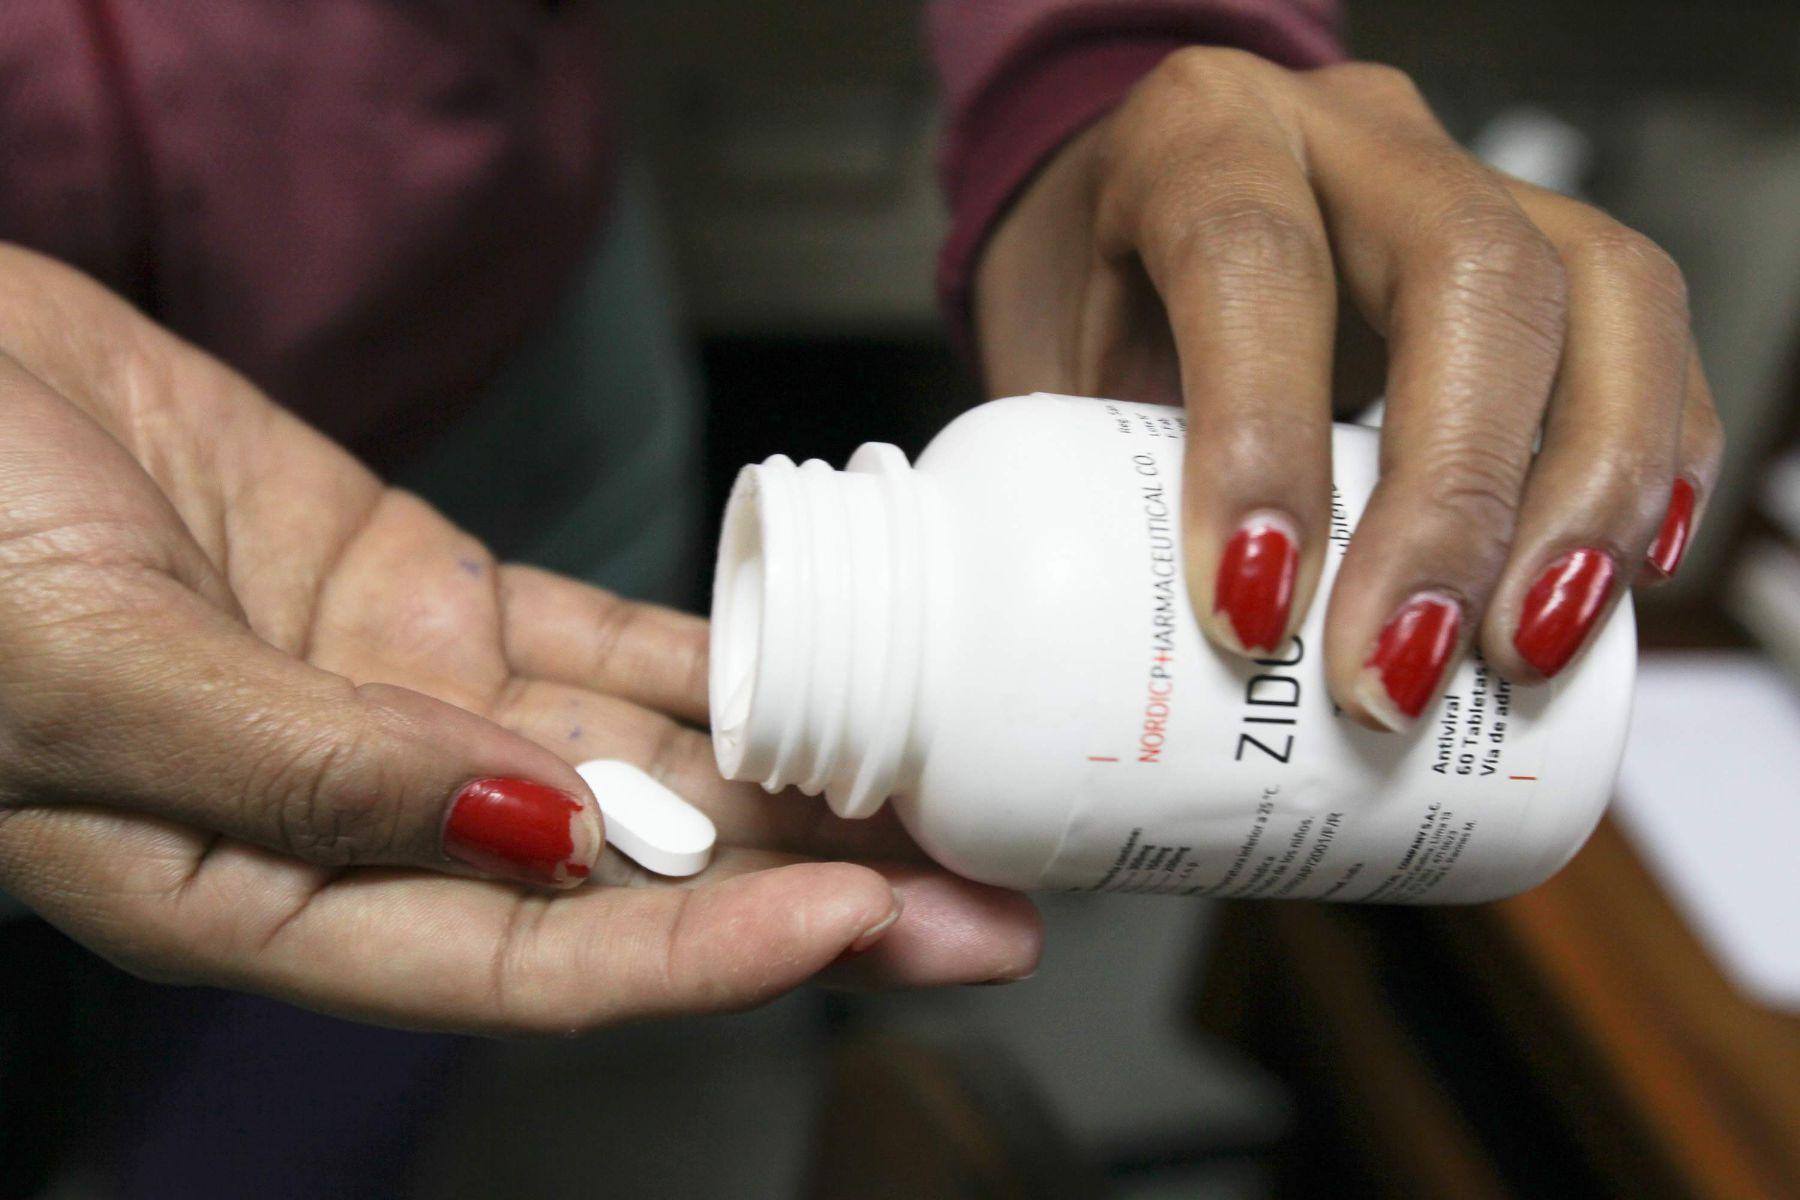 La mortalidad de las personas que viven con VIH/Sida disminuyó 40% en Perú gracias a los Tratamientos Antirretrovirales . Foto: ANDINA/ Piero Vargas